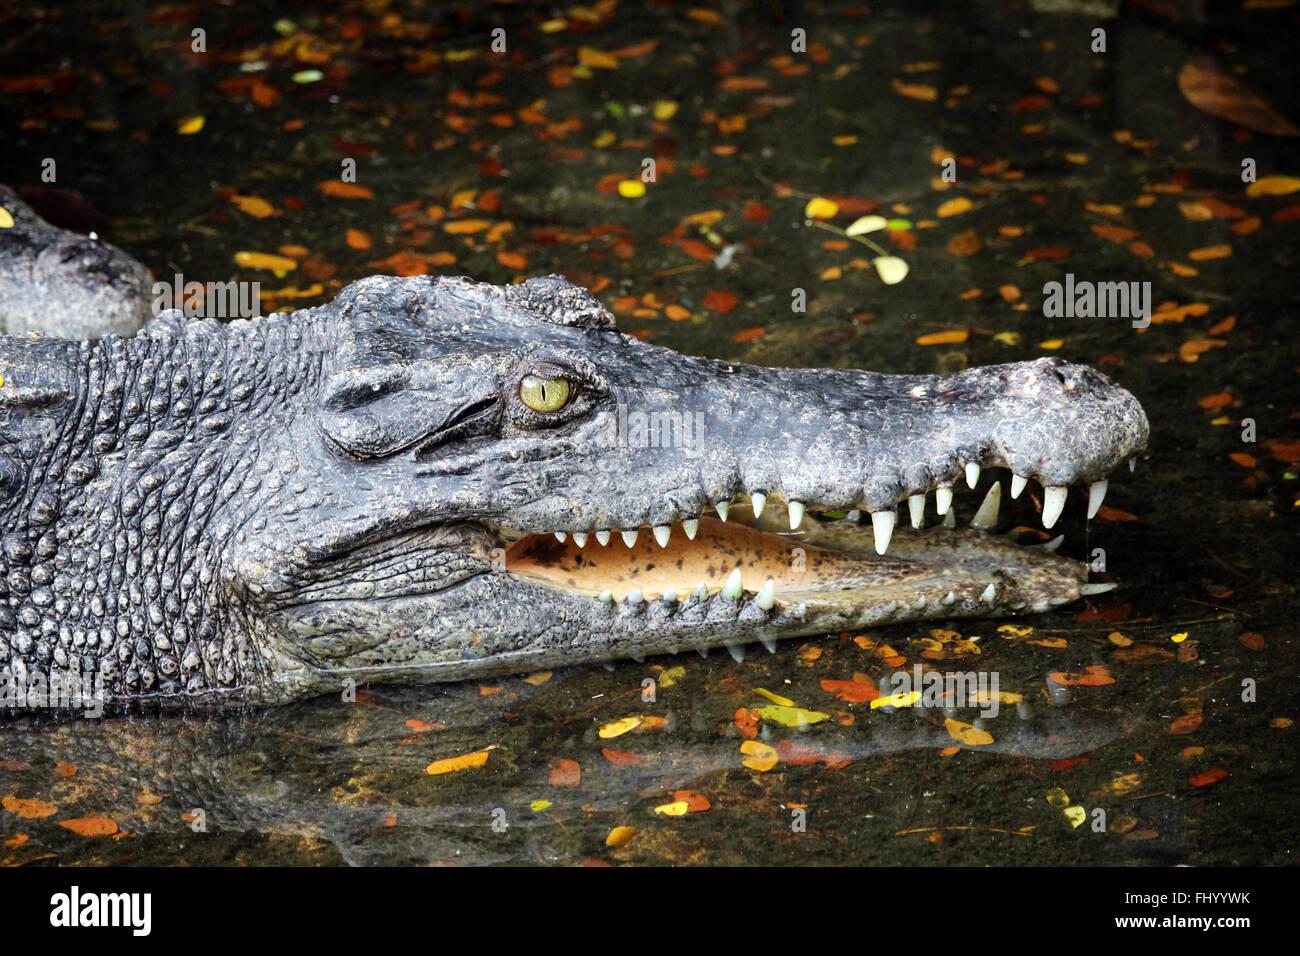 MIRI/MALAYSIA - 24 novembre 2015: un coccodrillo con grandi denti in Borneo vicino al confine tra la Malaysia e Immagini Stock